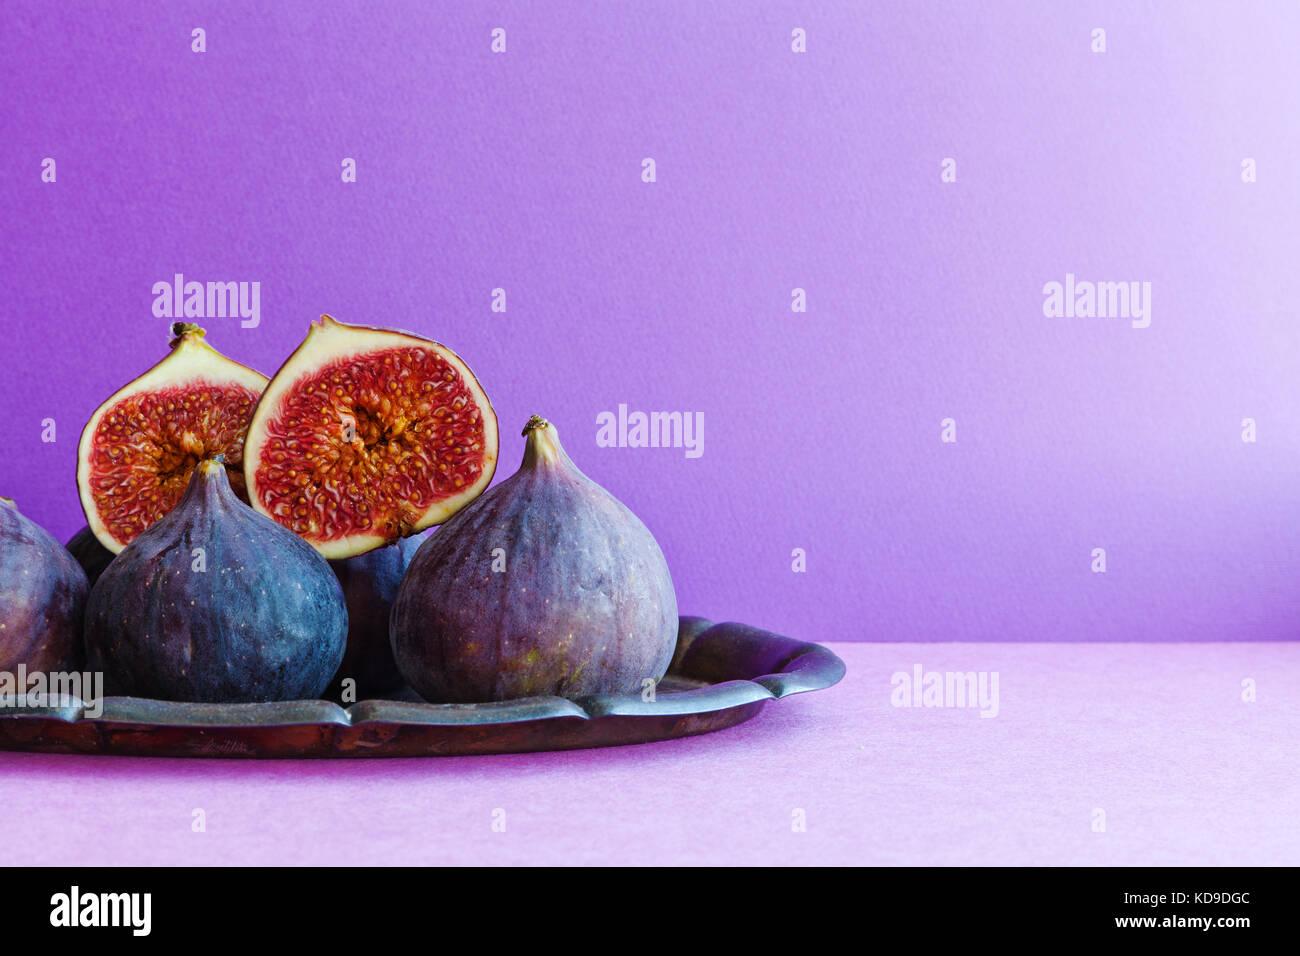 Helle noch leben Bio Feigen Früchte auf einem alten Fach, Schöne lila violett unterlegt. selektive Fokus Stockbild